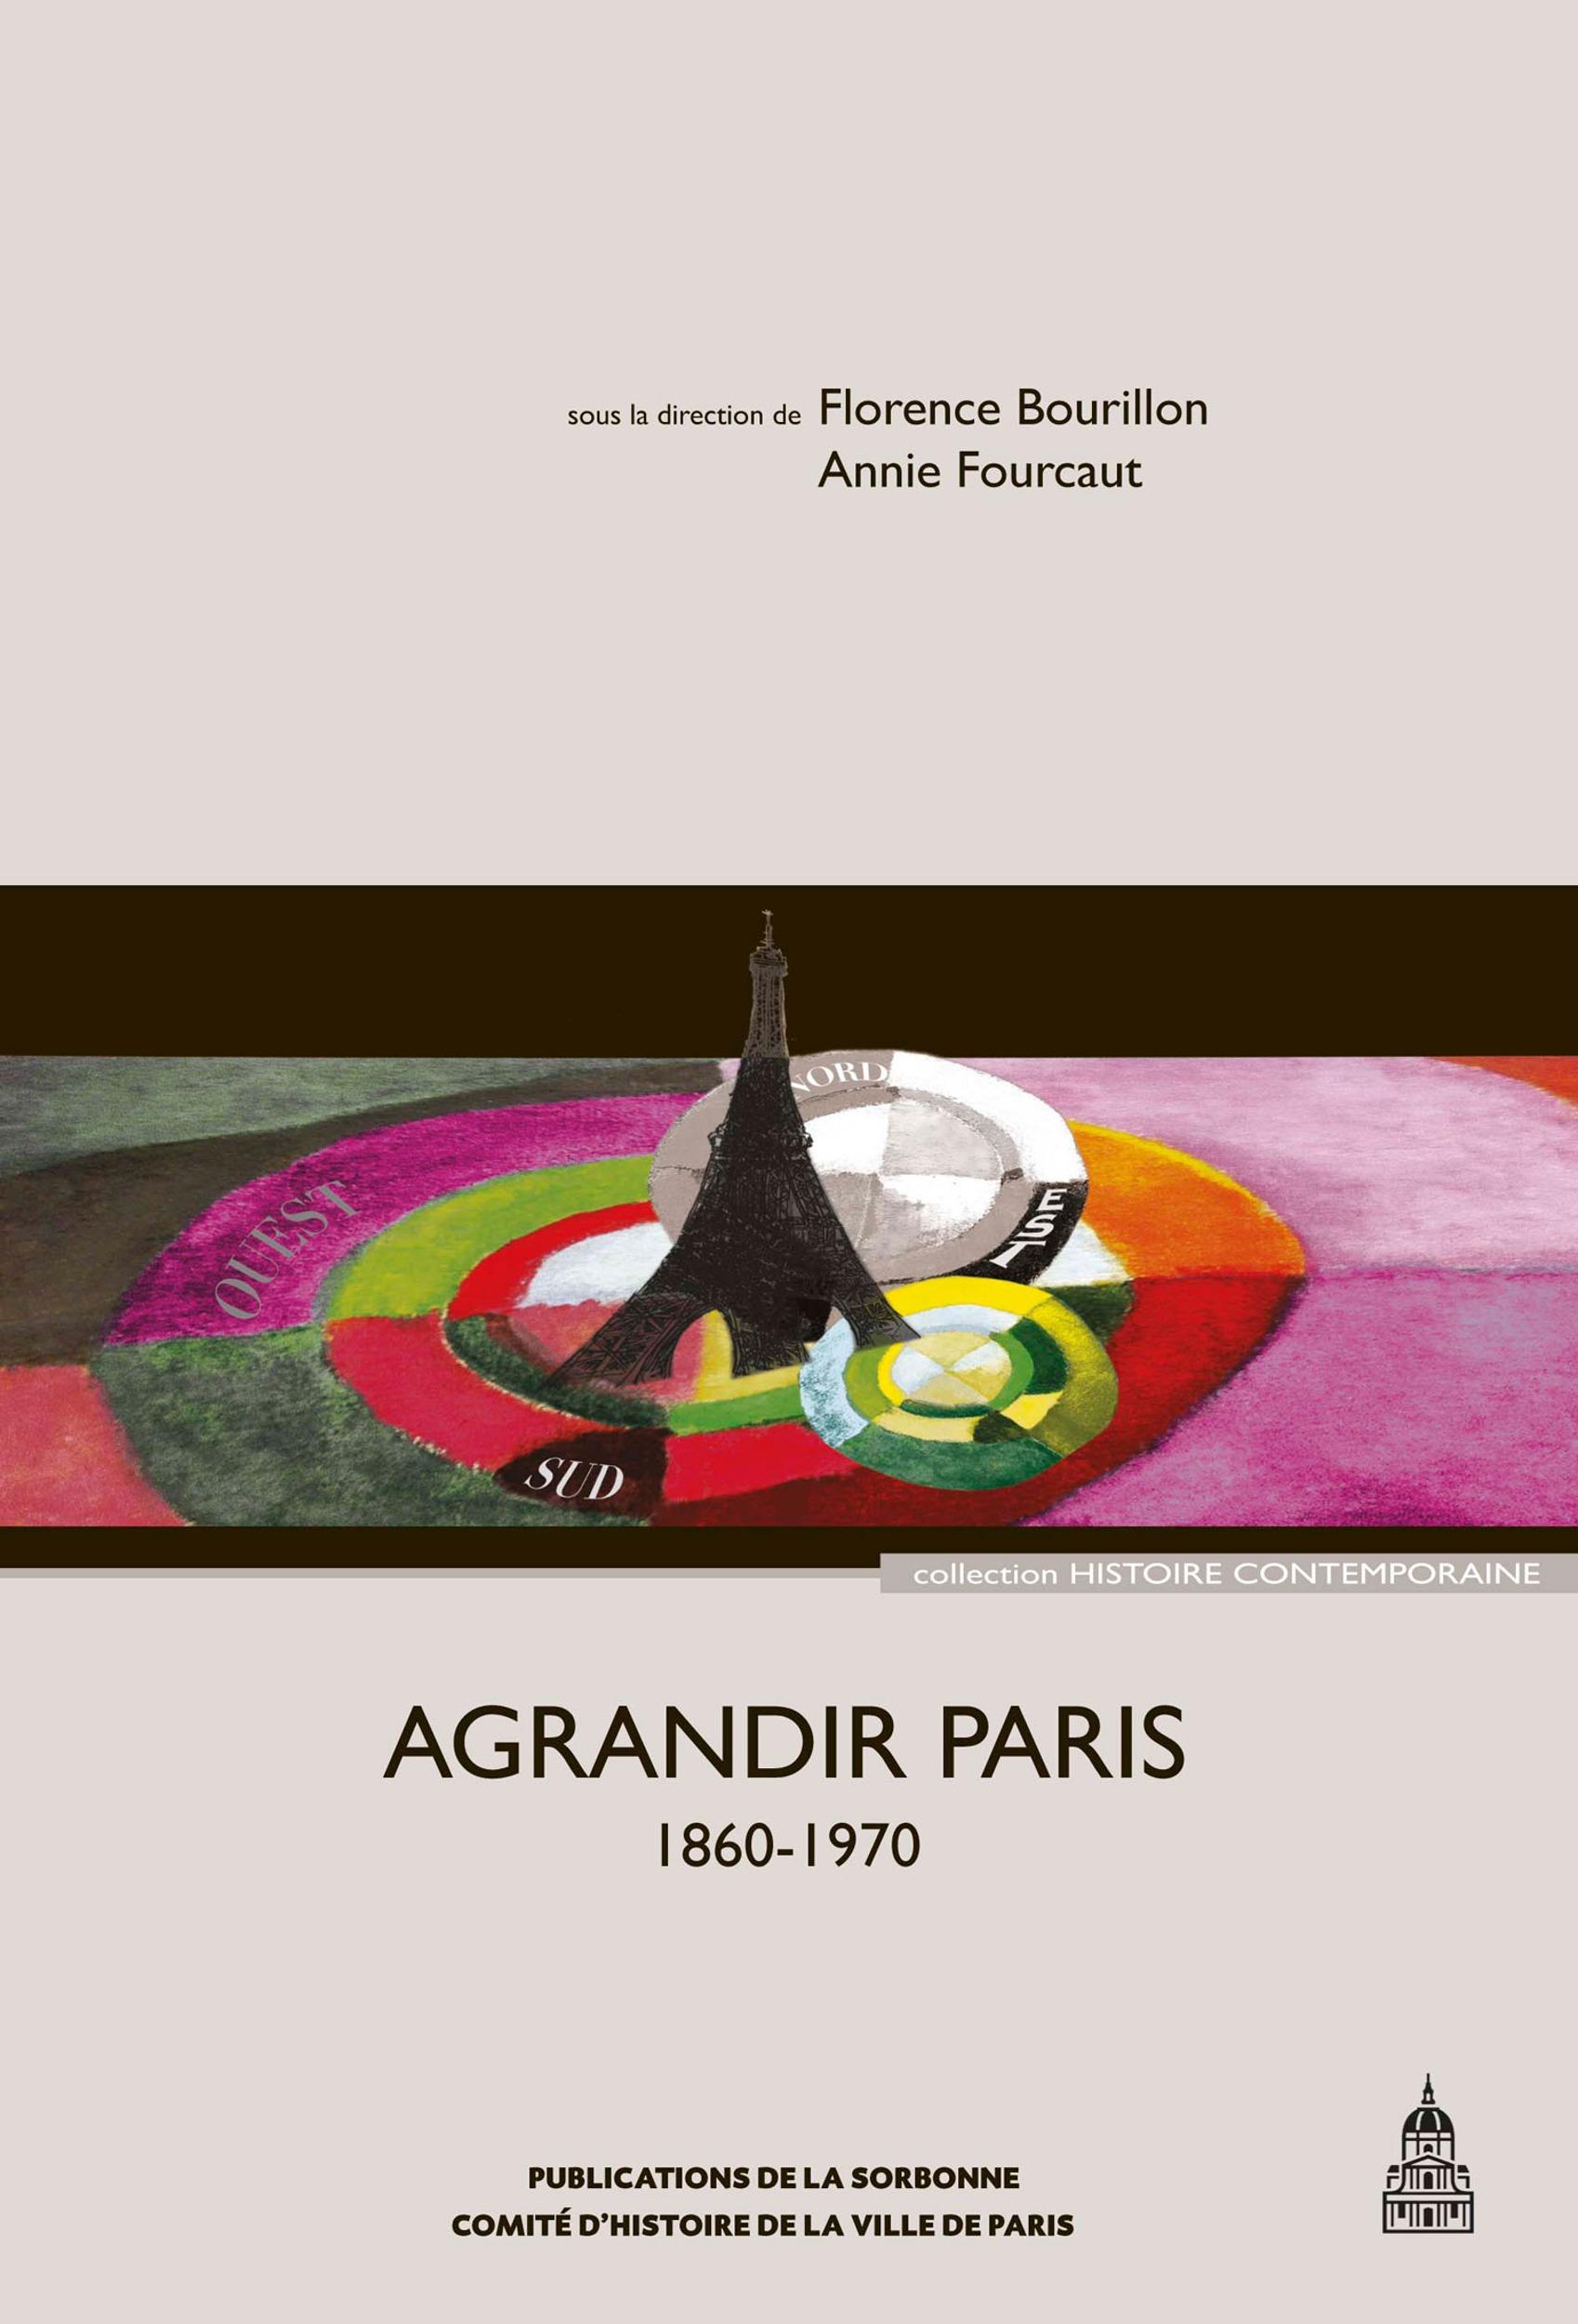 agrandir Paris, 1860-1970